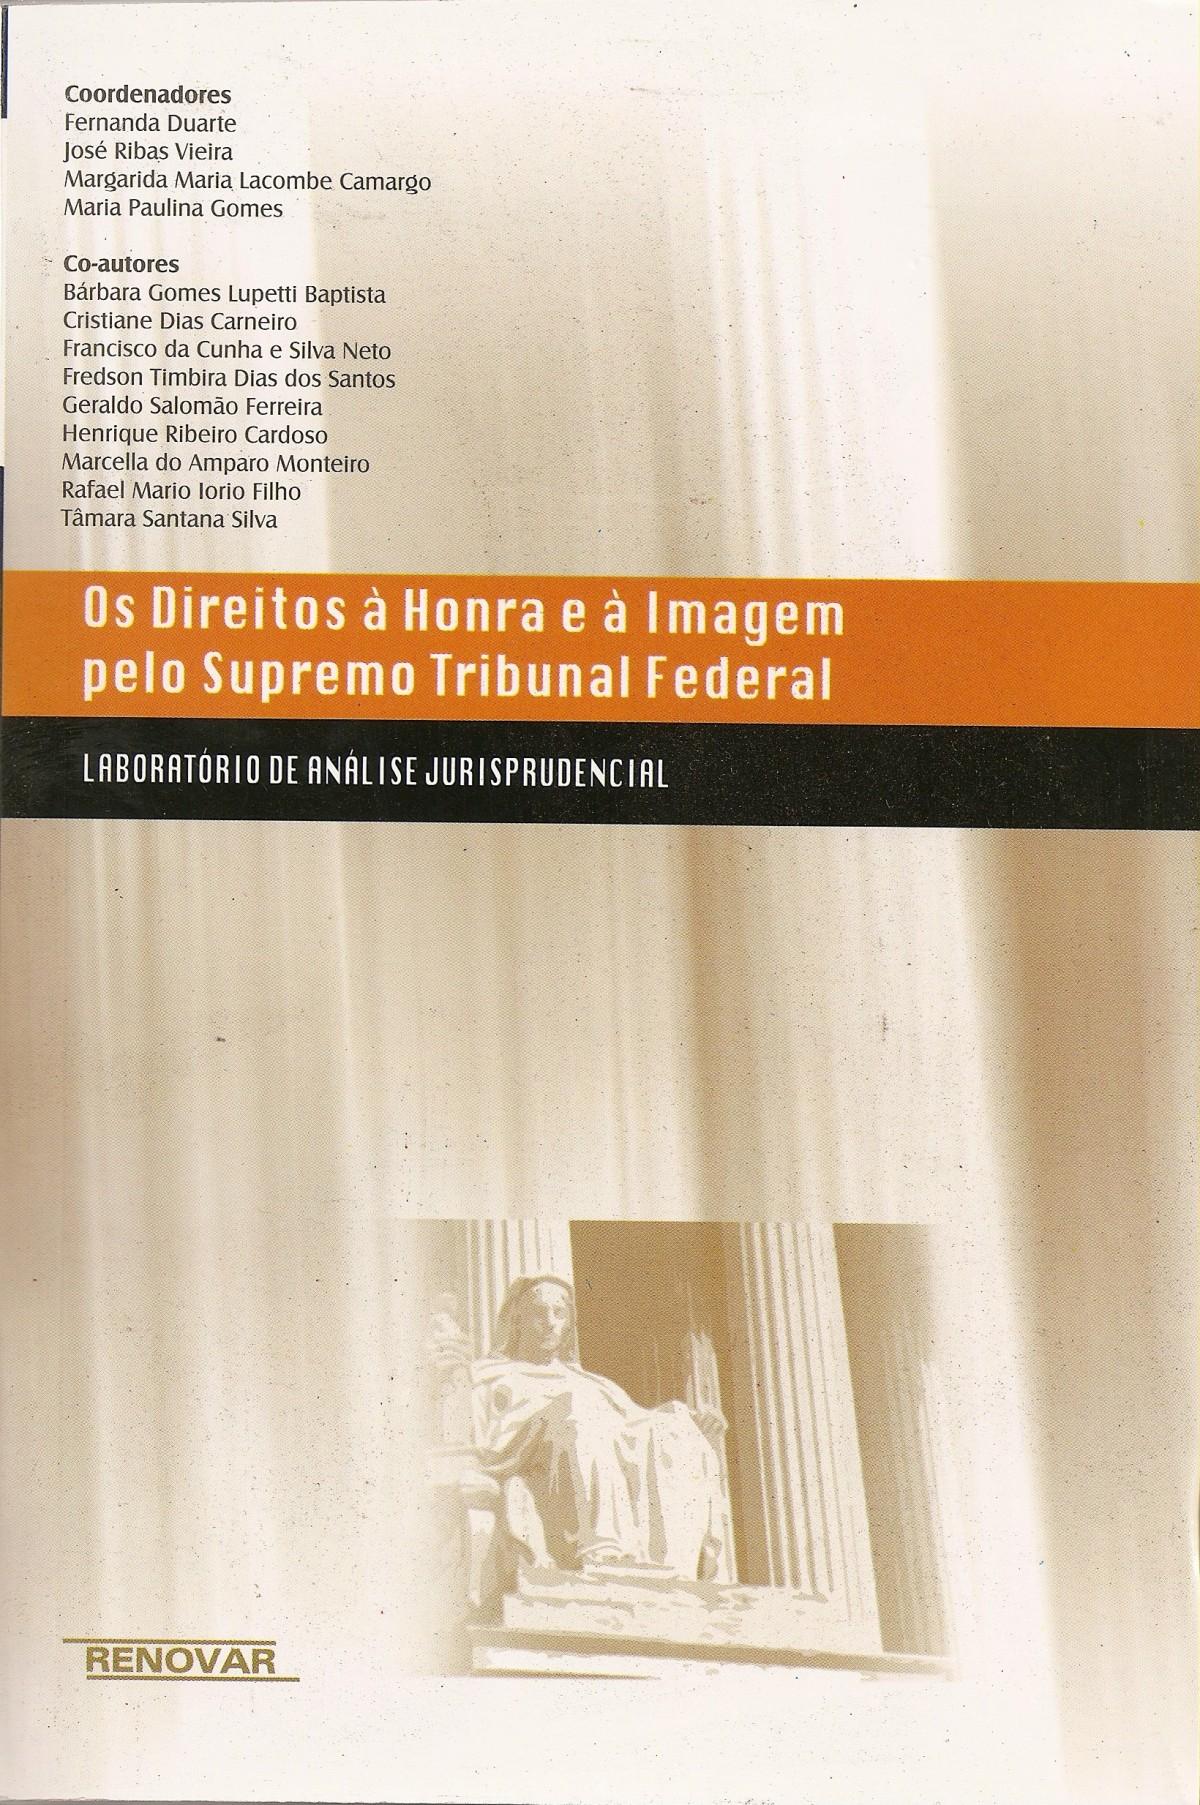 Foto 1 - Os Direitos à Honra e à Imagem pelo Supremo Tribunal Federal